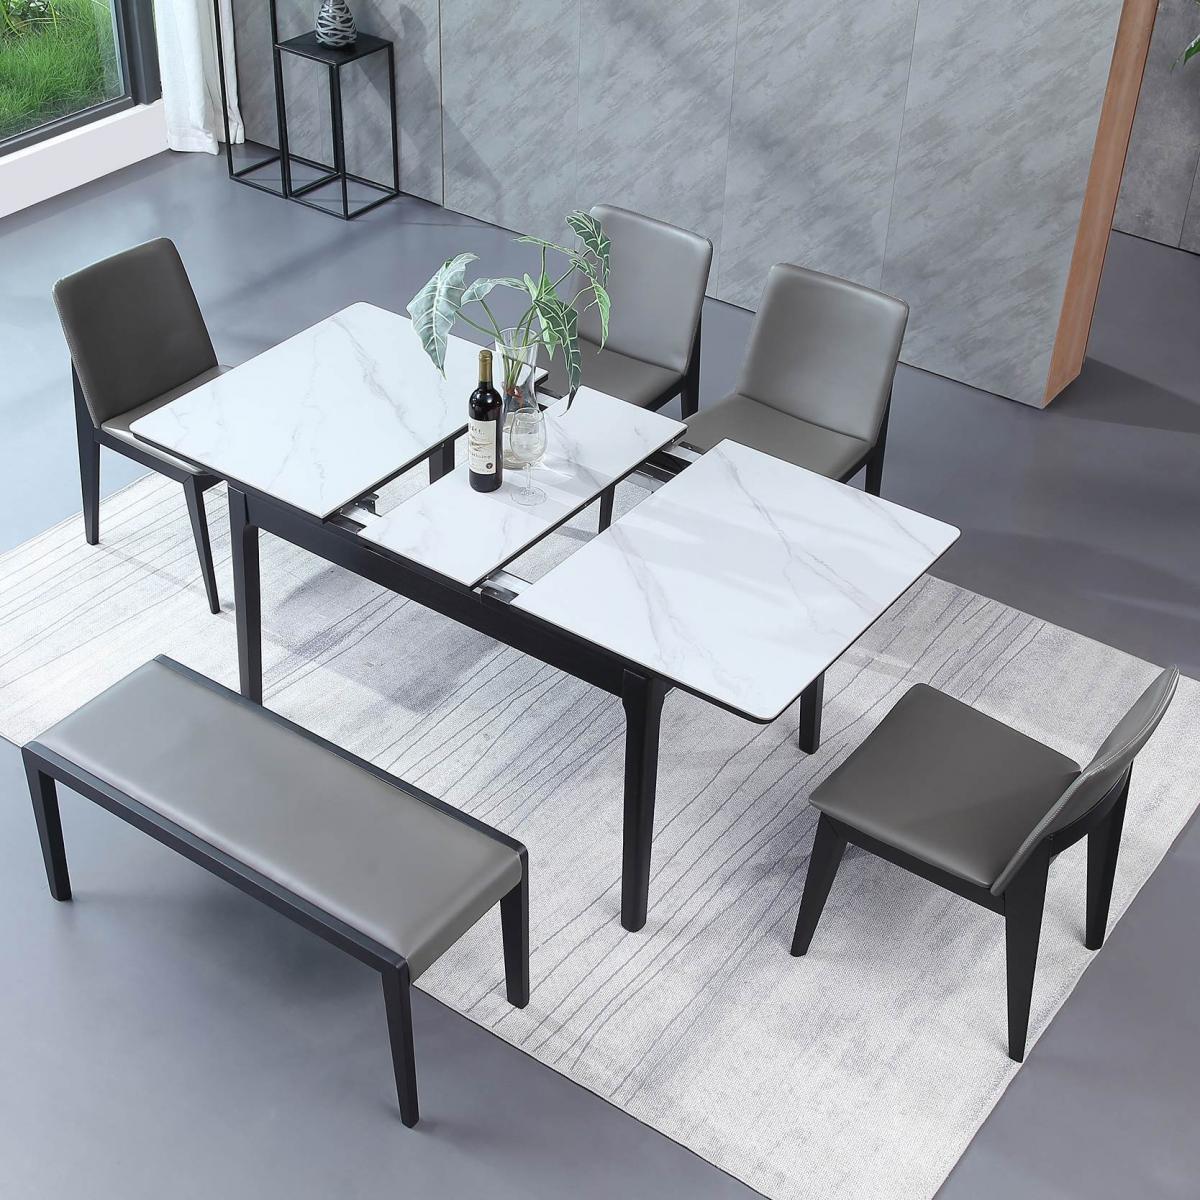 岩板餐桌意式极简岩石家用长方形小户型北欧实木可伸缩餐桌椅组合